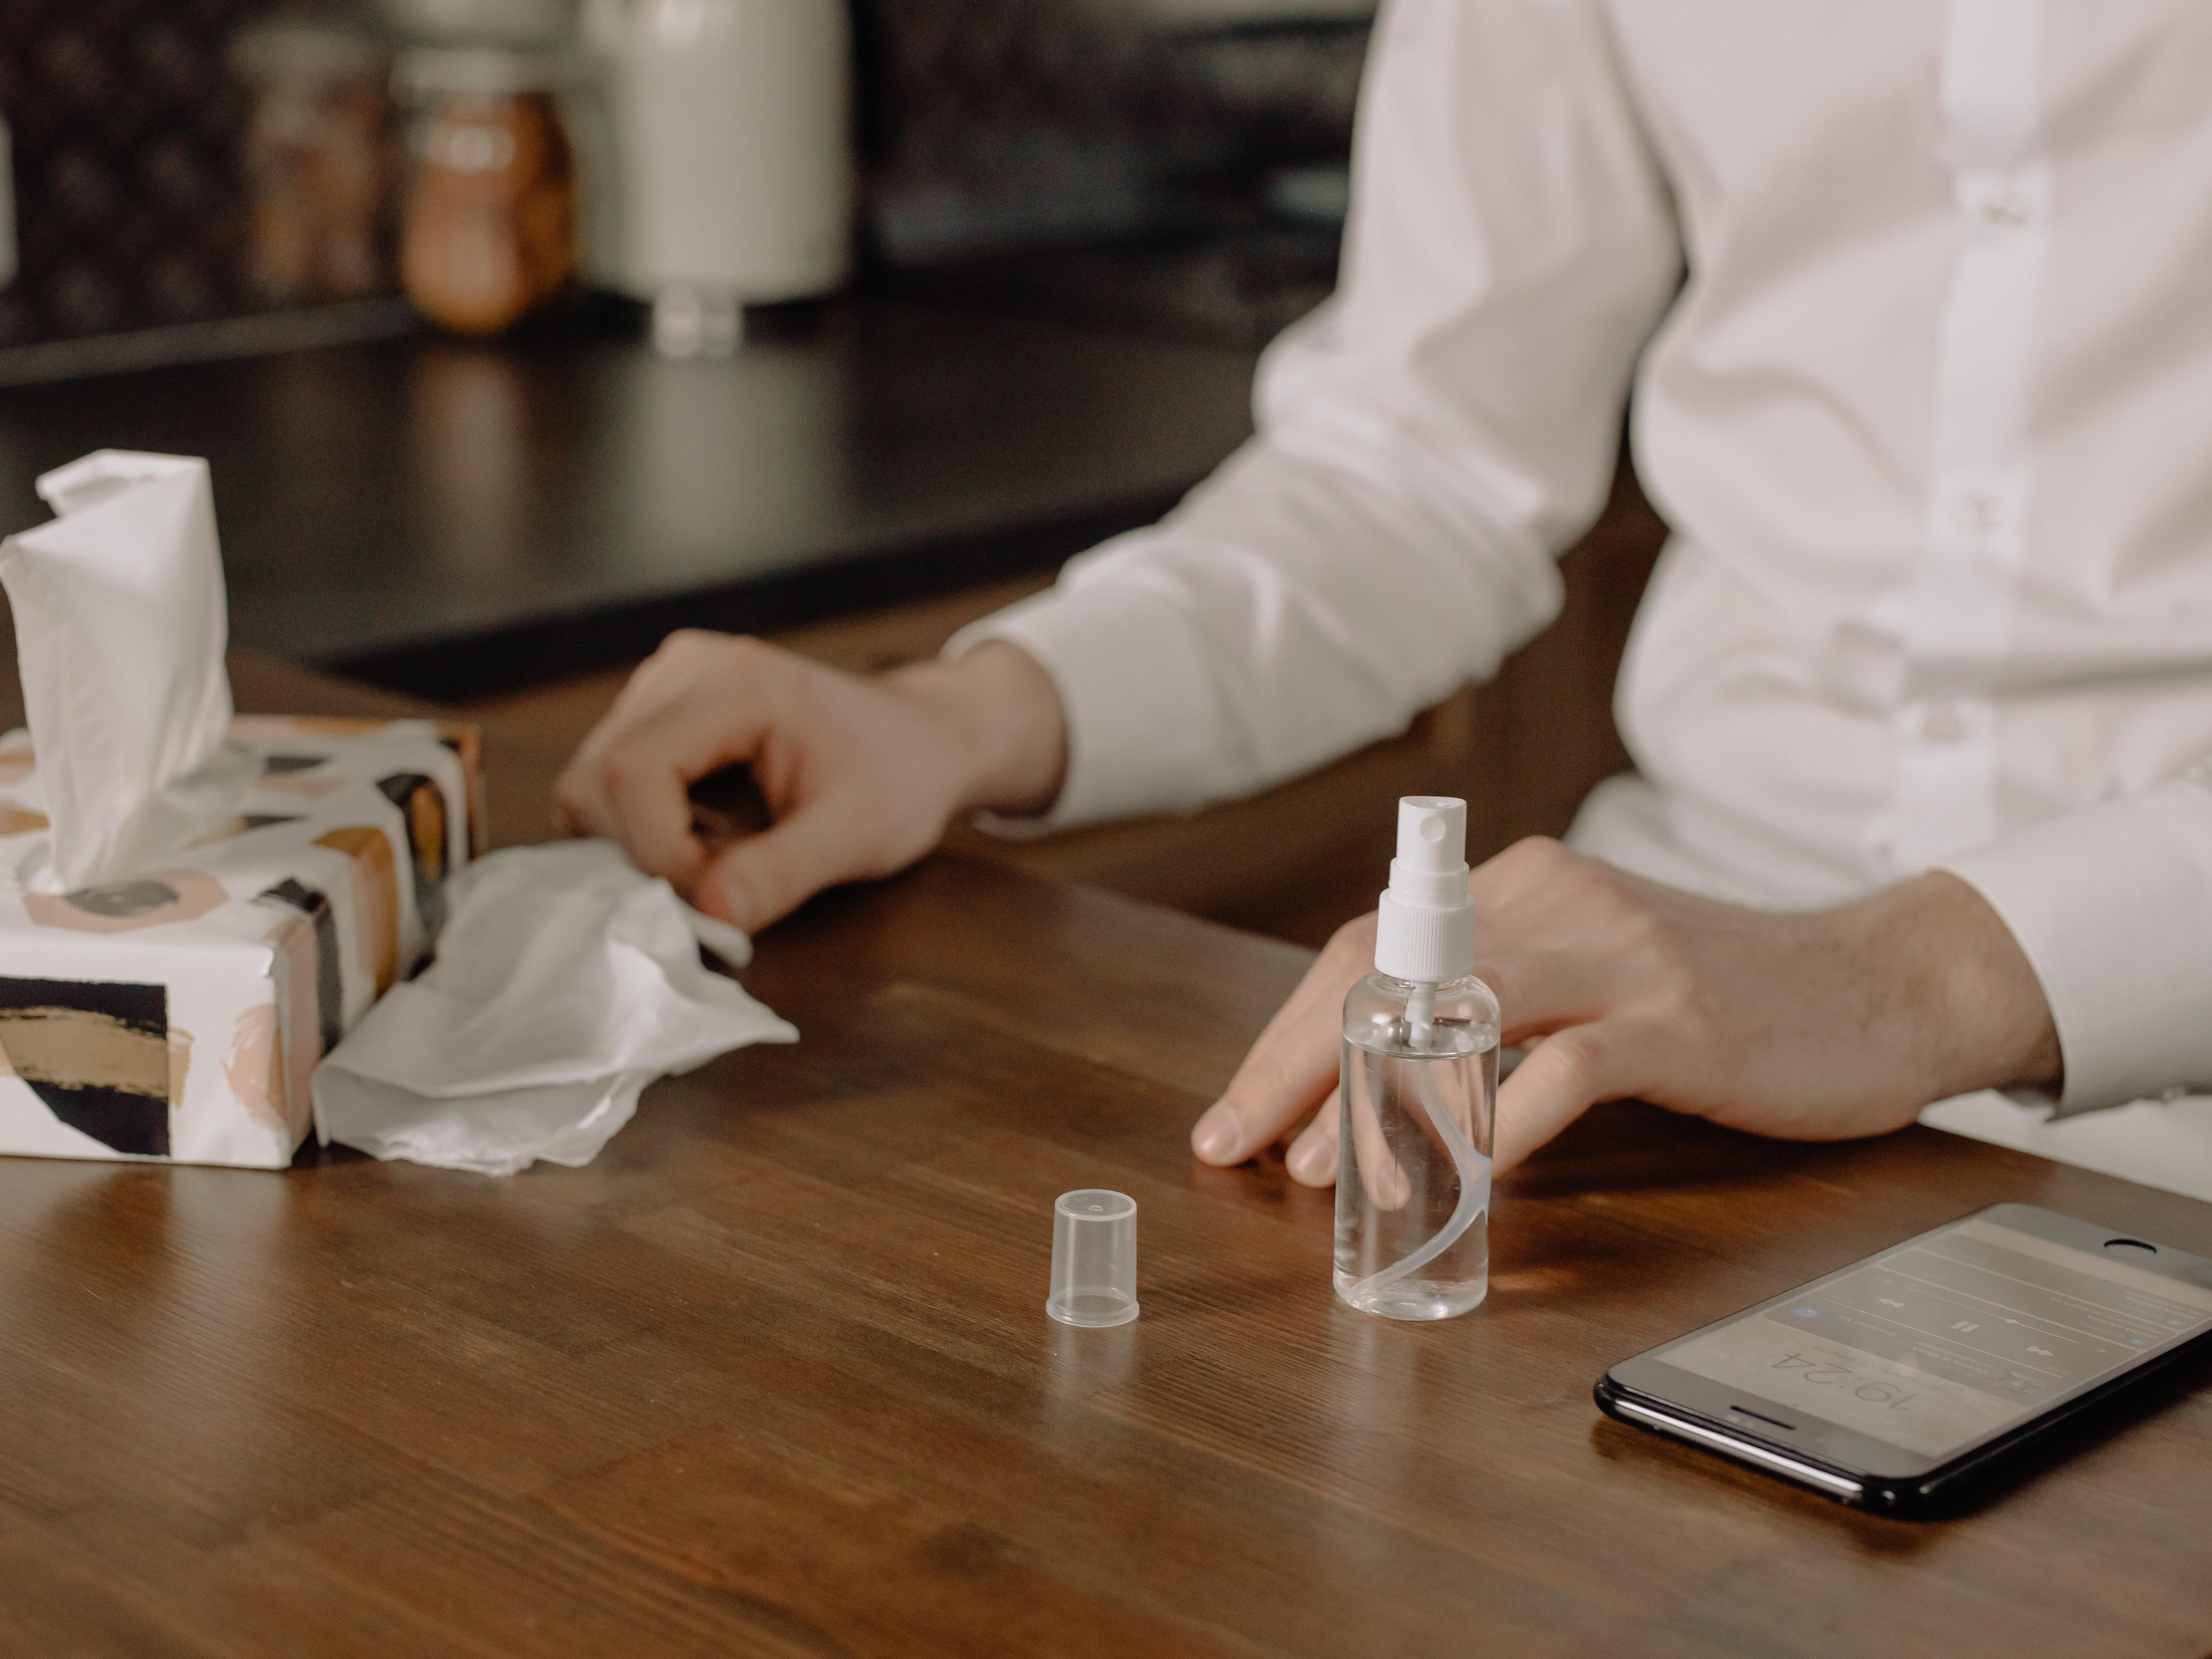 Hoe voorkom je besmetting met het coronavirus op kantoor?